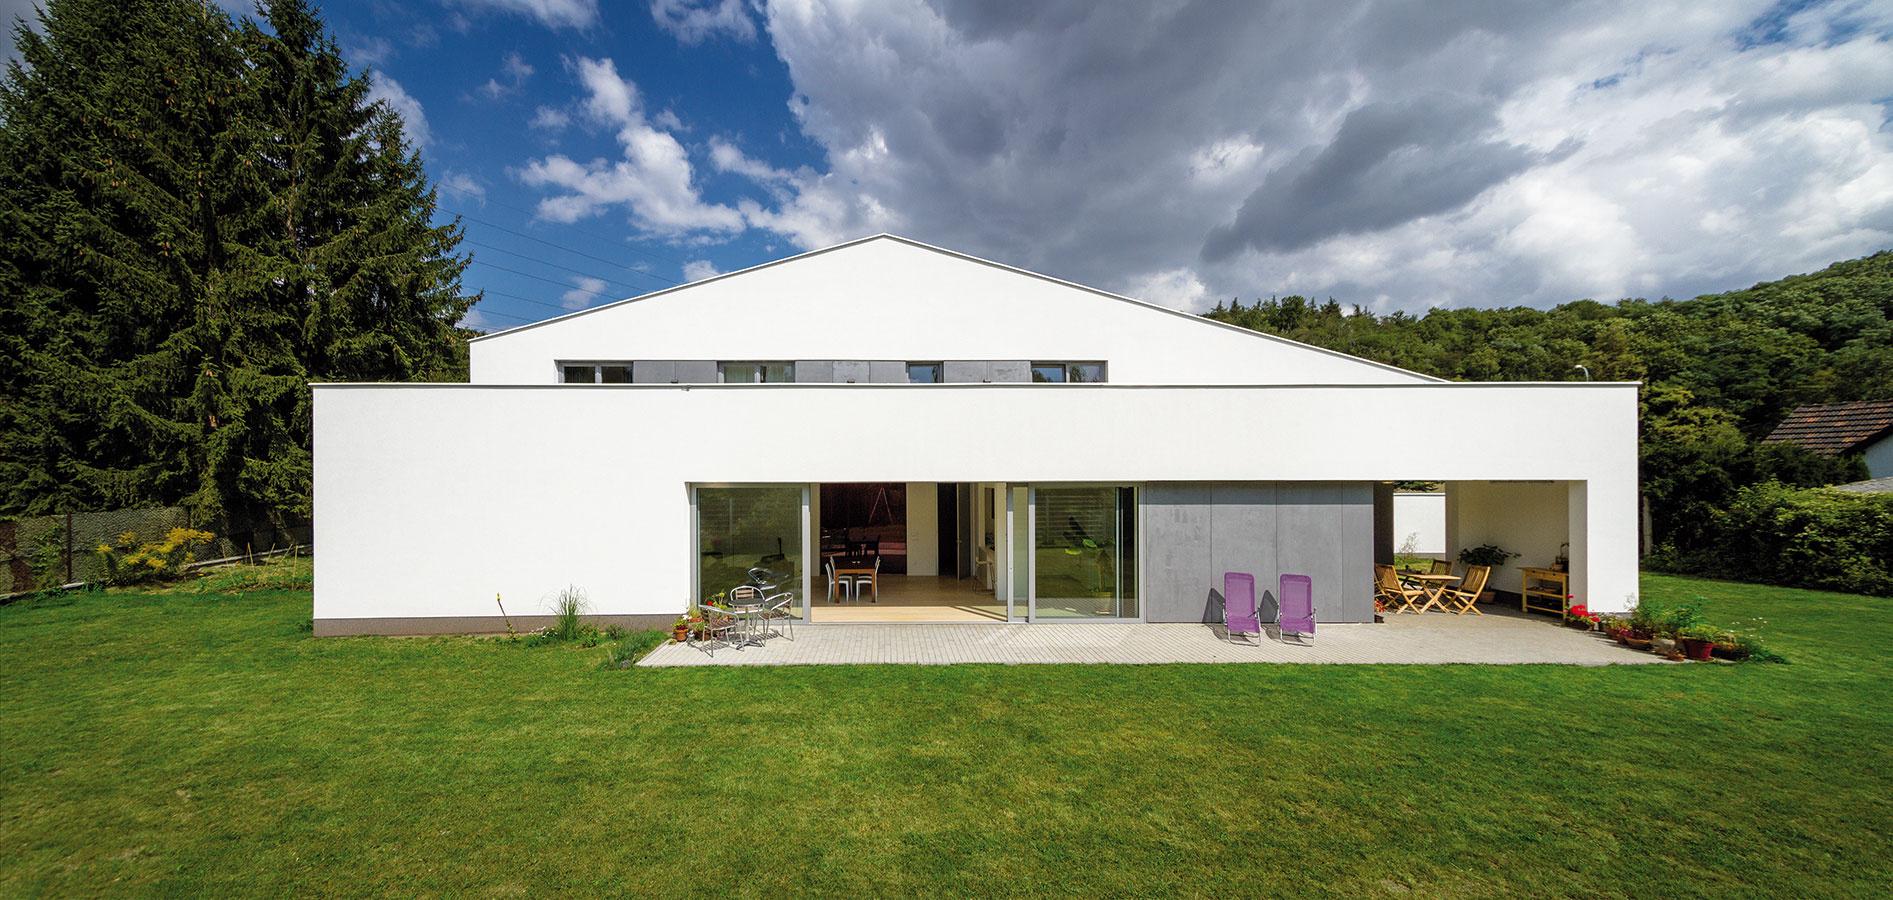 Konštrukciu domu tvorí železobetón atehlové murivo. Strecha skonštrukciou zOSB dosiek pokrytých izoláciou má finálnu krytinu zPVC.